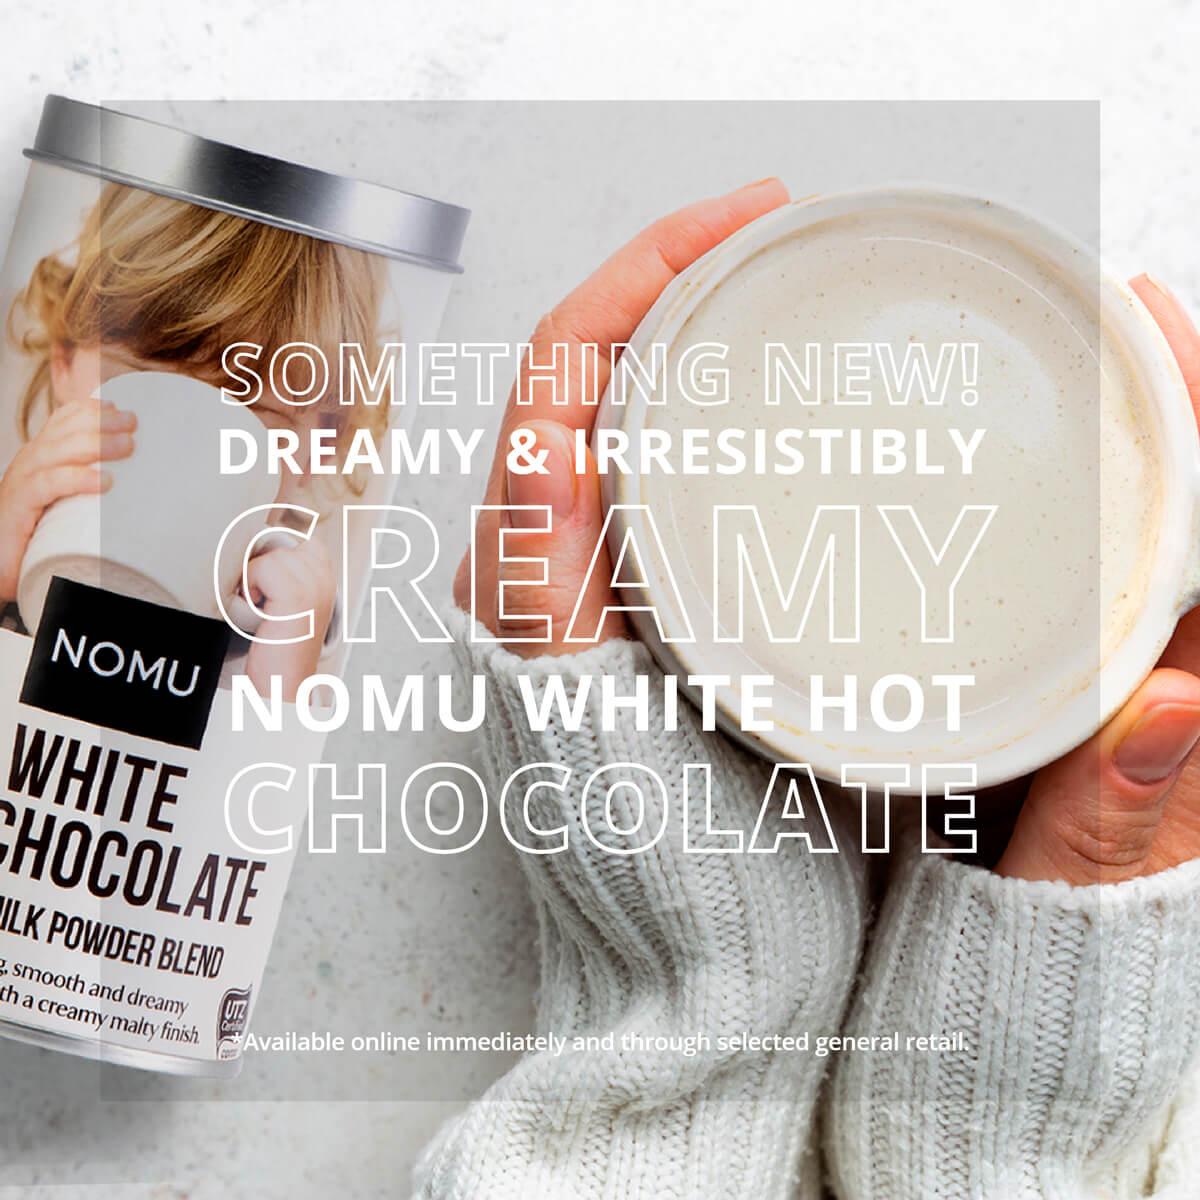 NOMU White Hot Chocolate